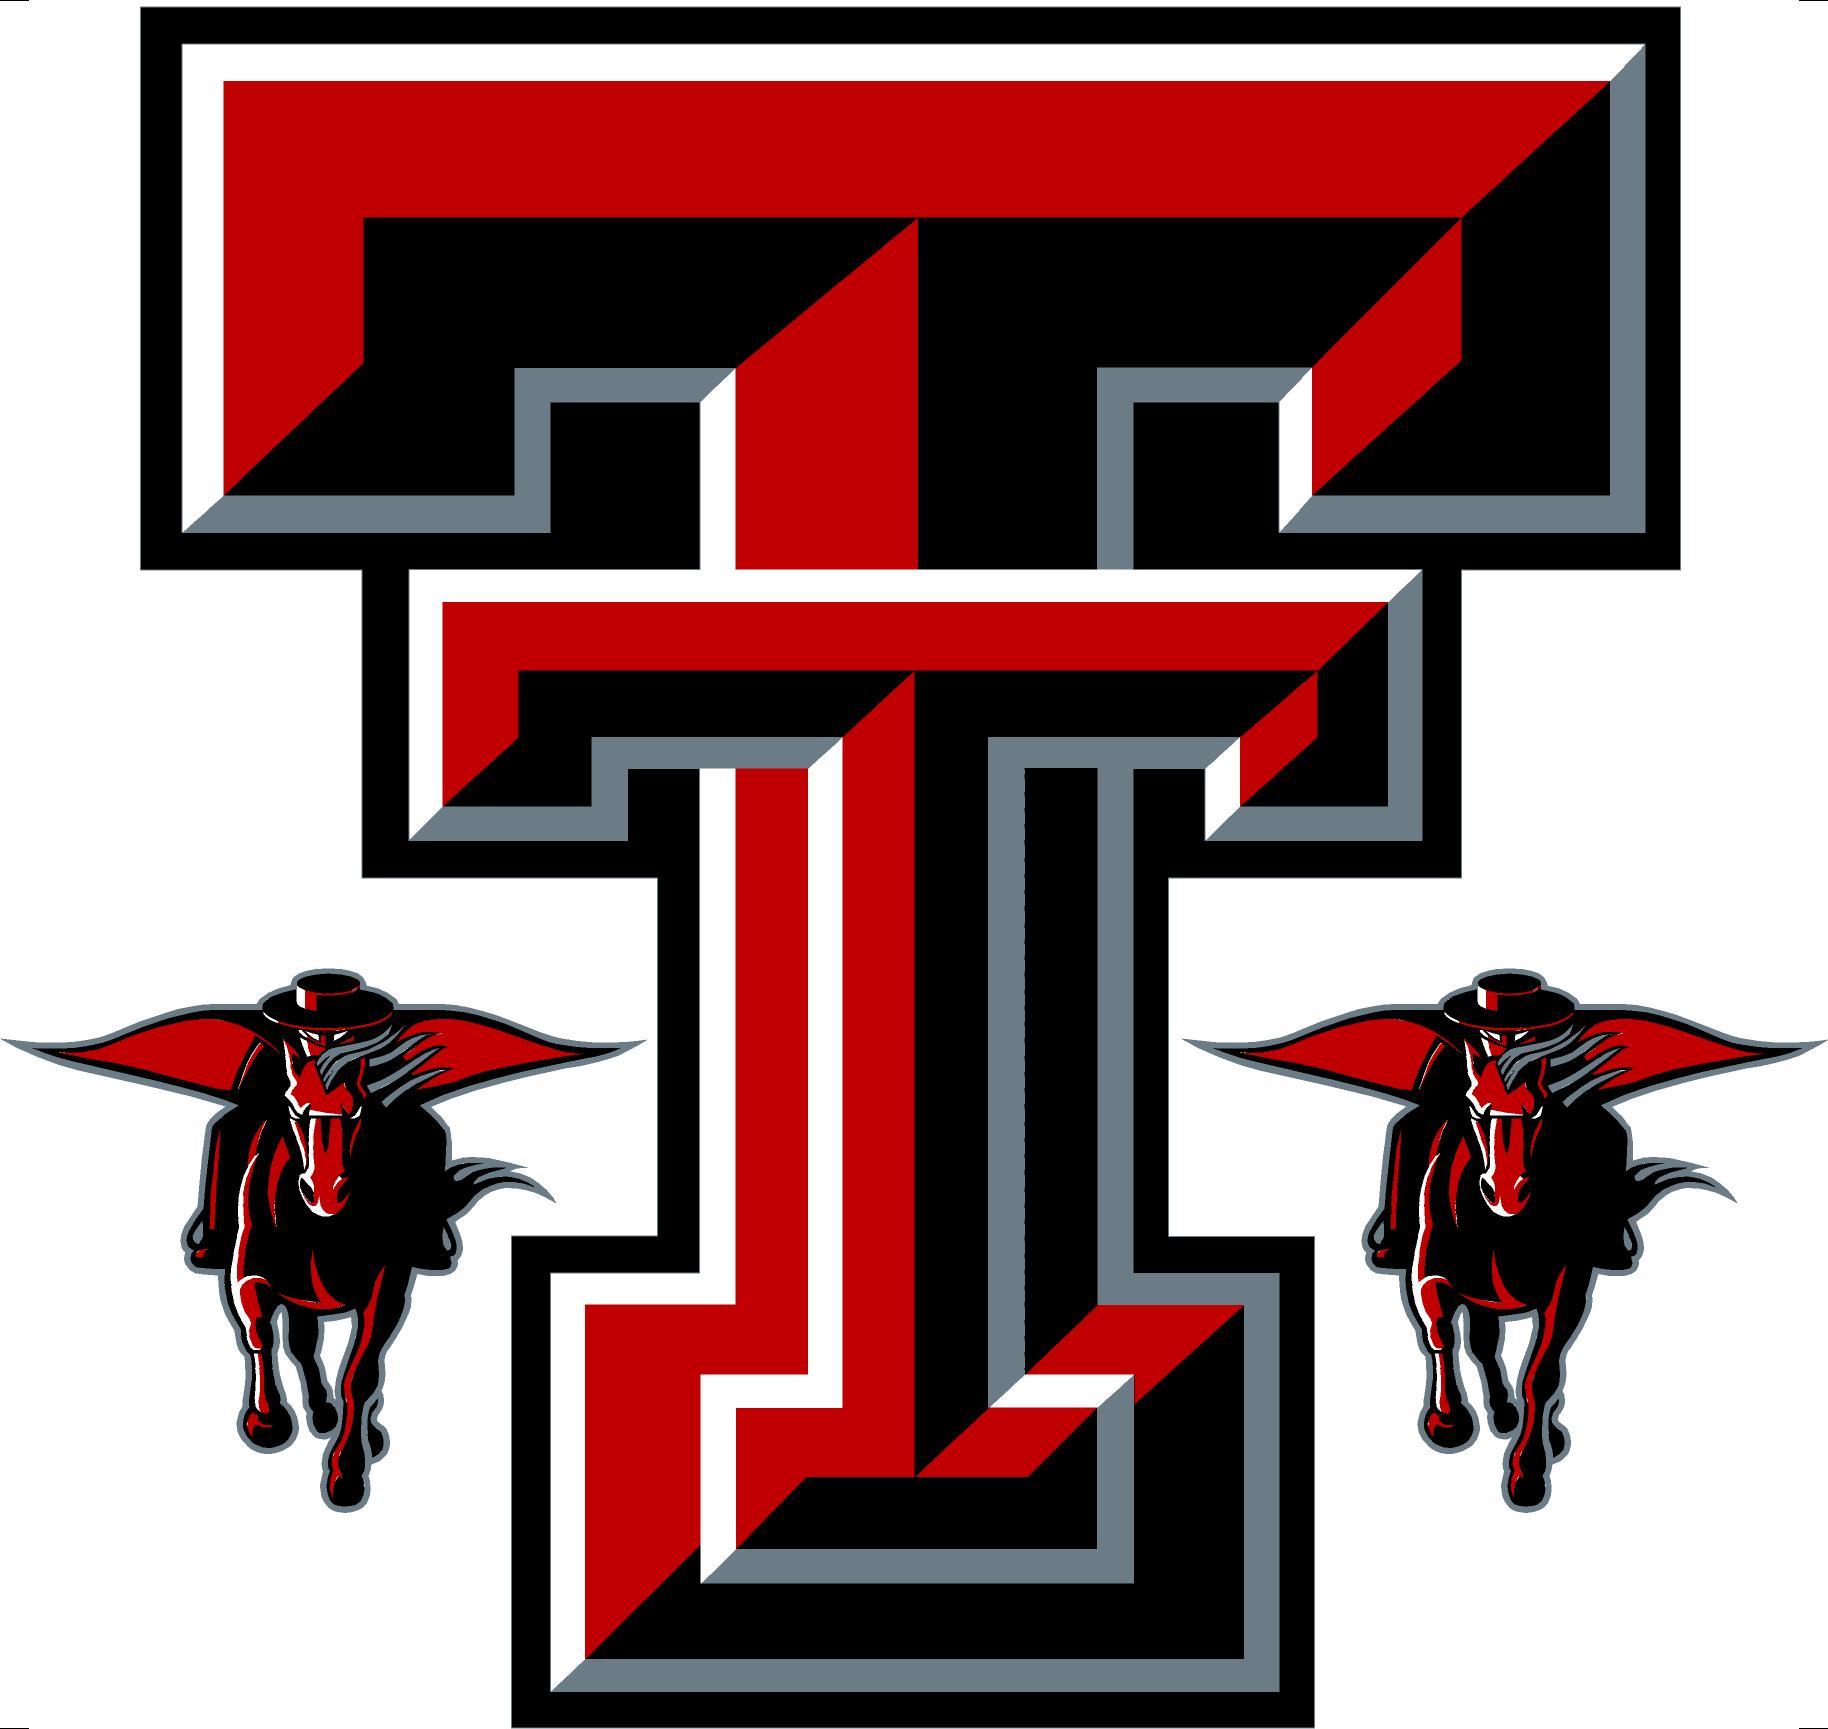 Texas Tech Logo2 regarding Texas Tech Academic Calendar